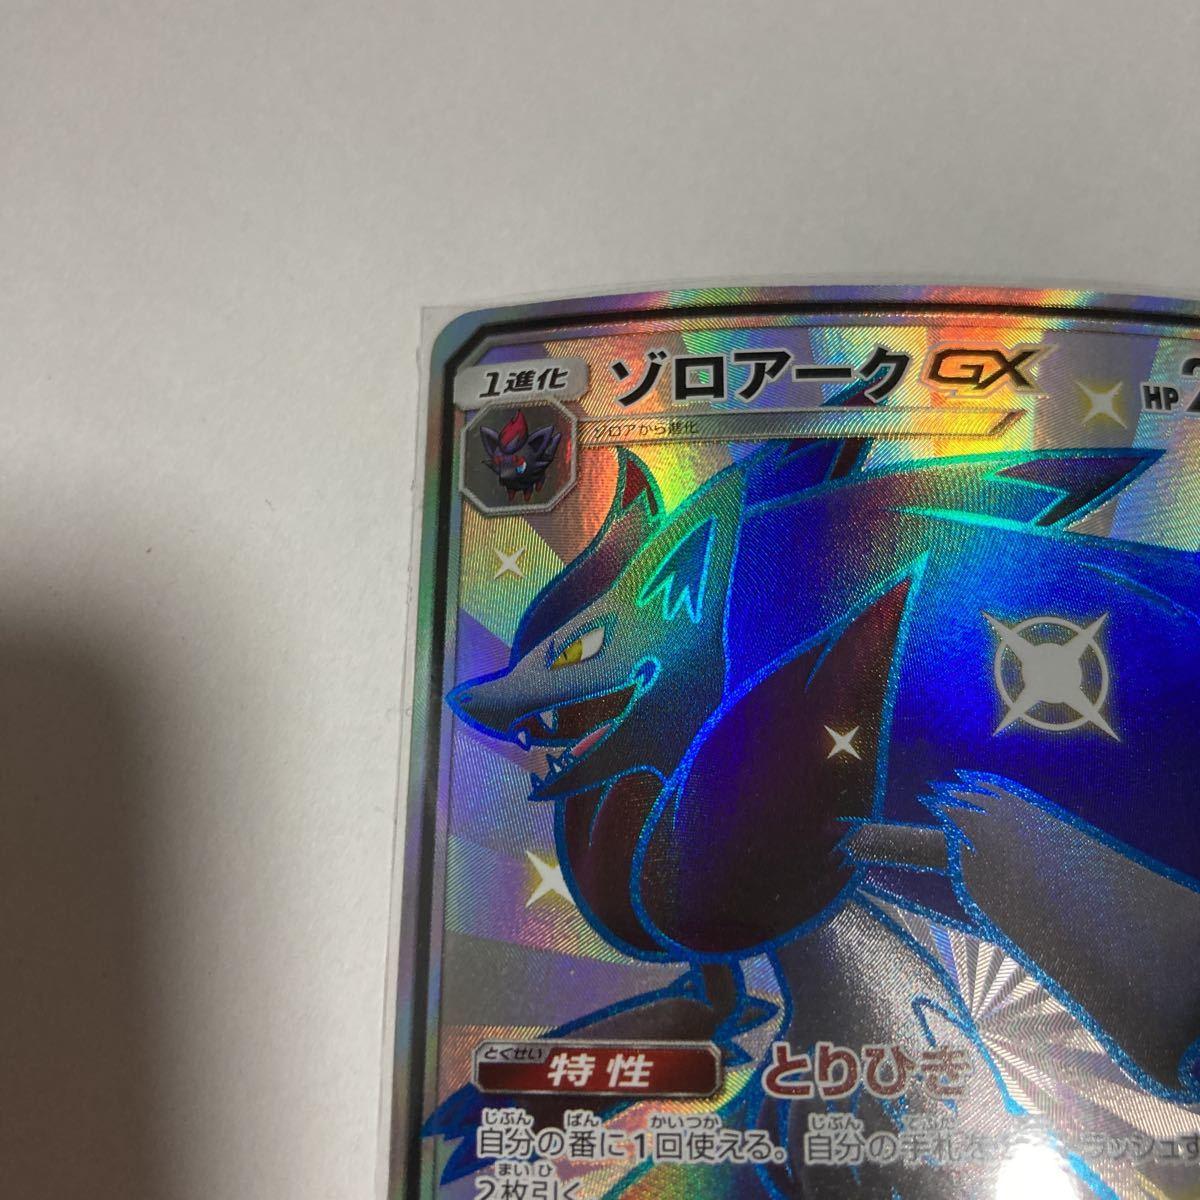 ゾロアークGX SSR 色違い ポケモンカードゲーム ポケカ GXウルトラシャイニー とりひき ライオットビート トリックスターGX sm8b 231/150_画像2